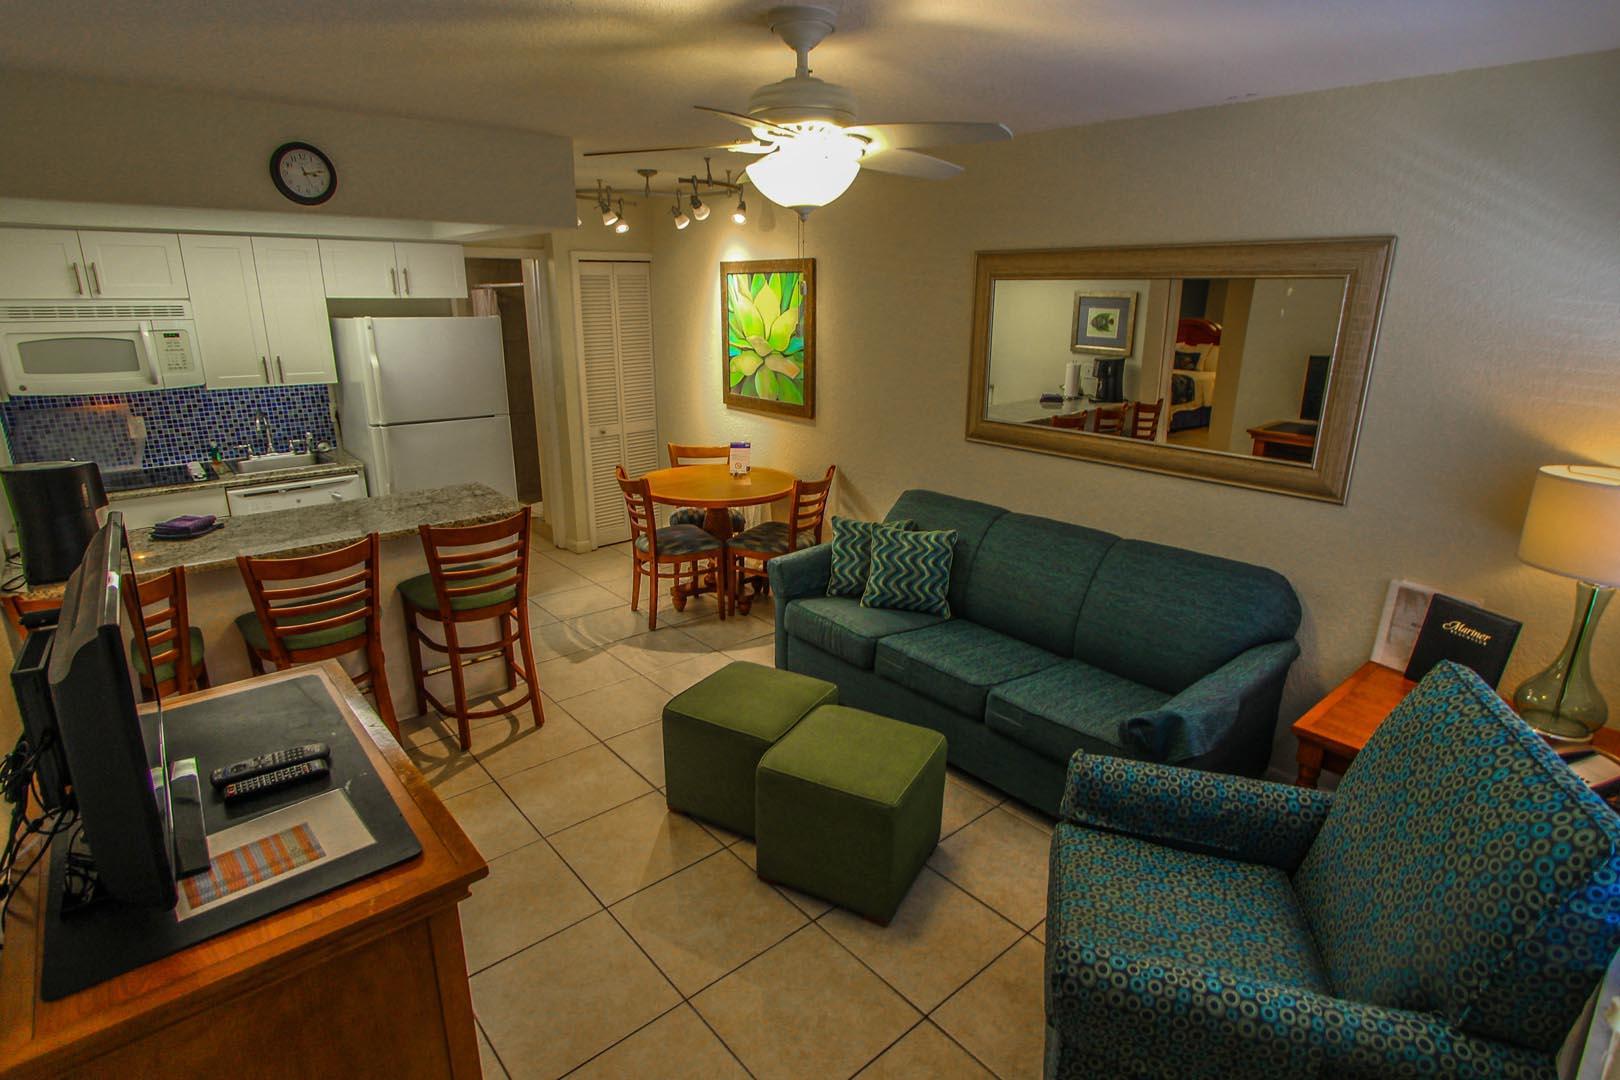 Mariner Beach Club unit interior